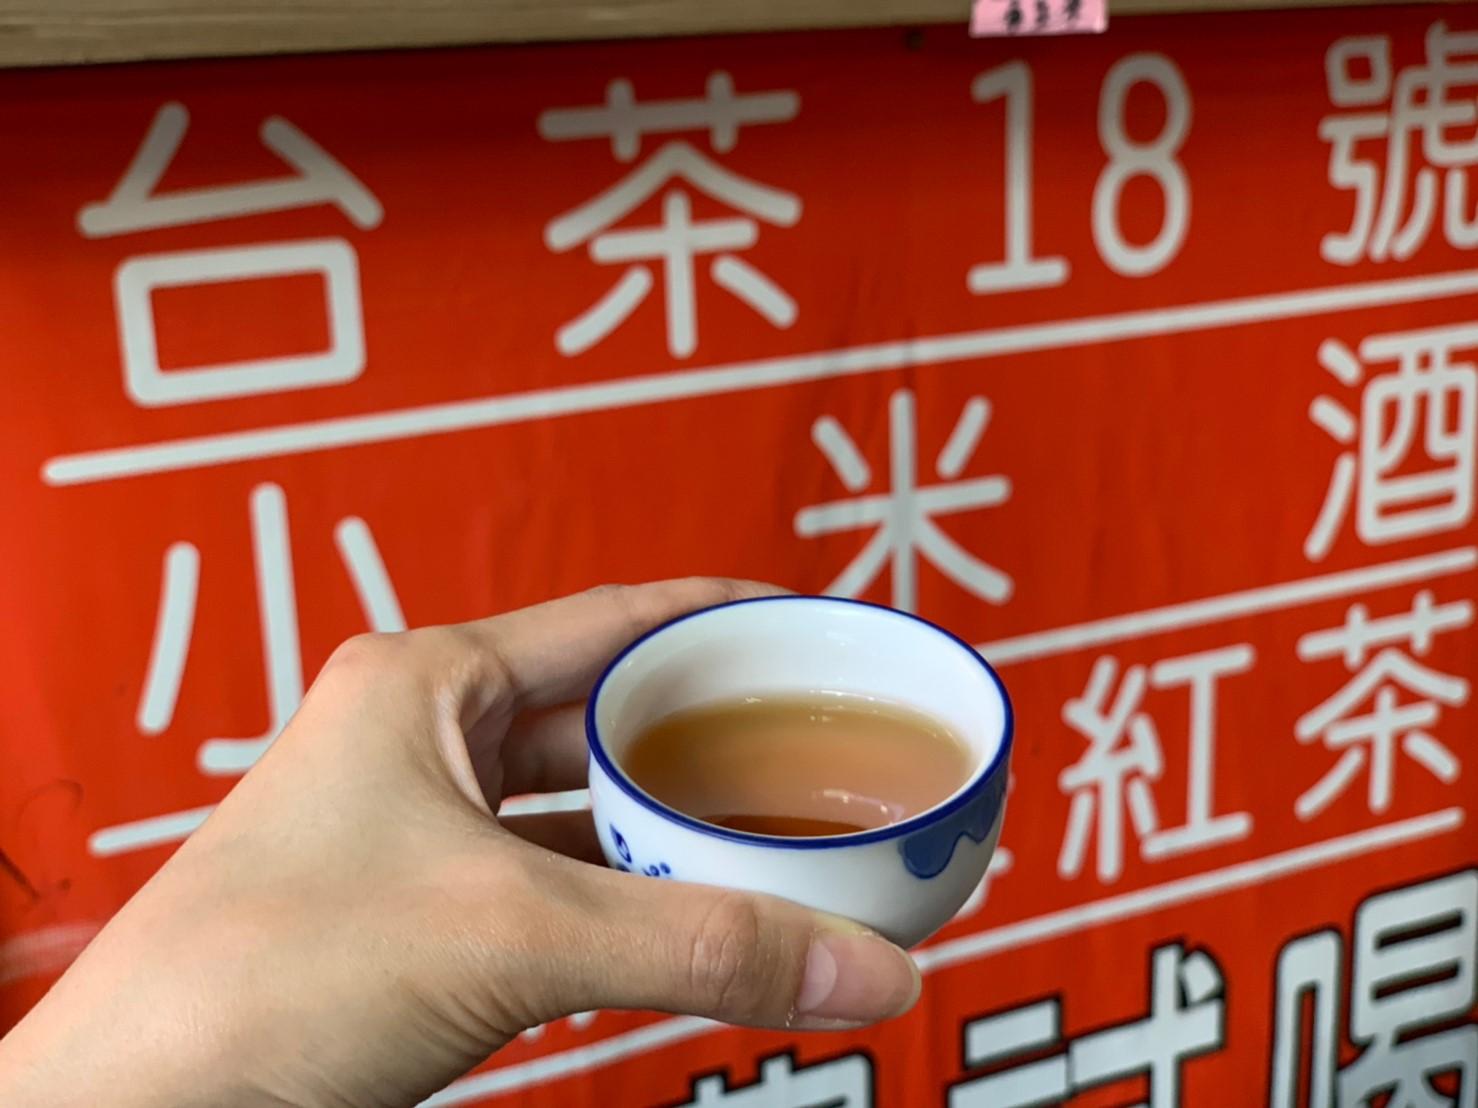 台茶18號 日月潭紅茶 紅玉紅茶 阿薩姆紅茶